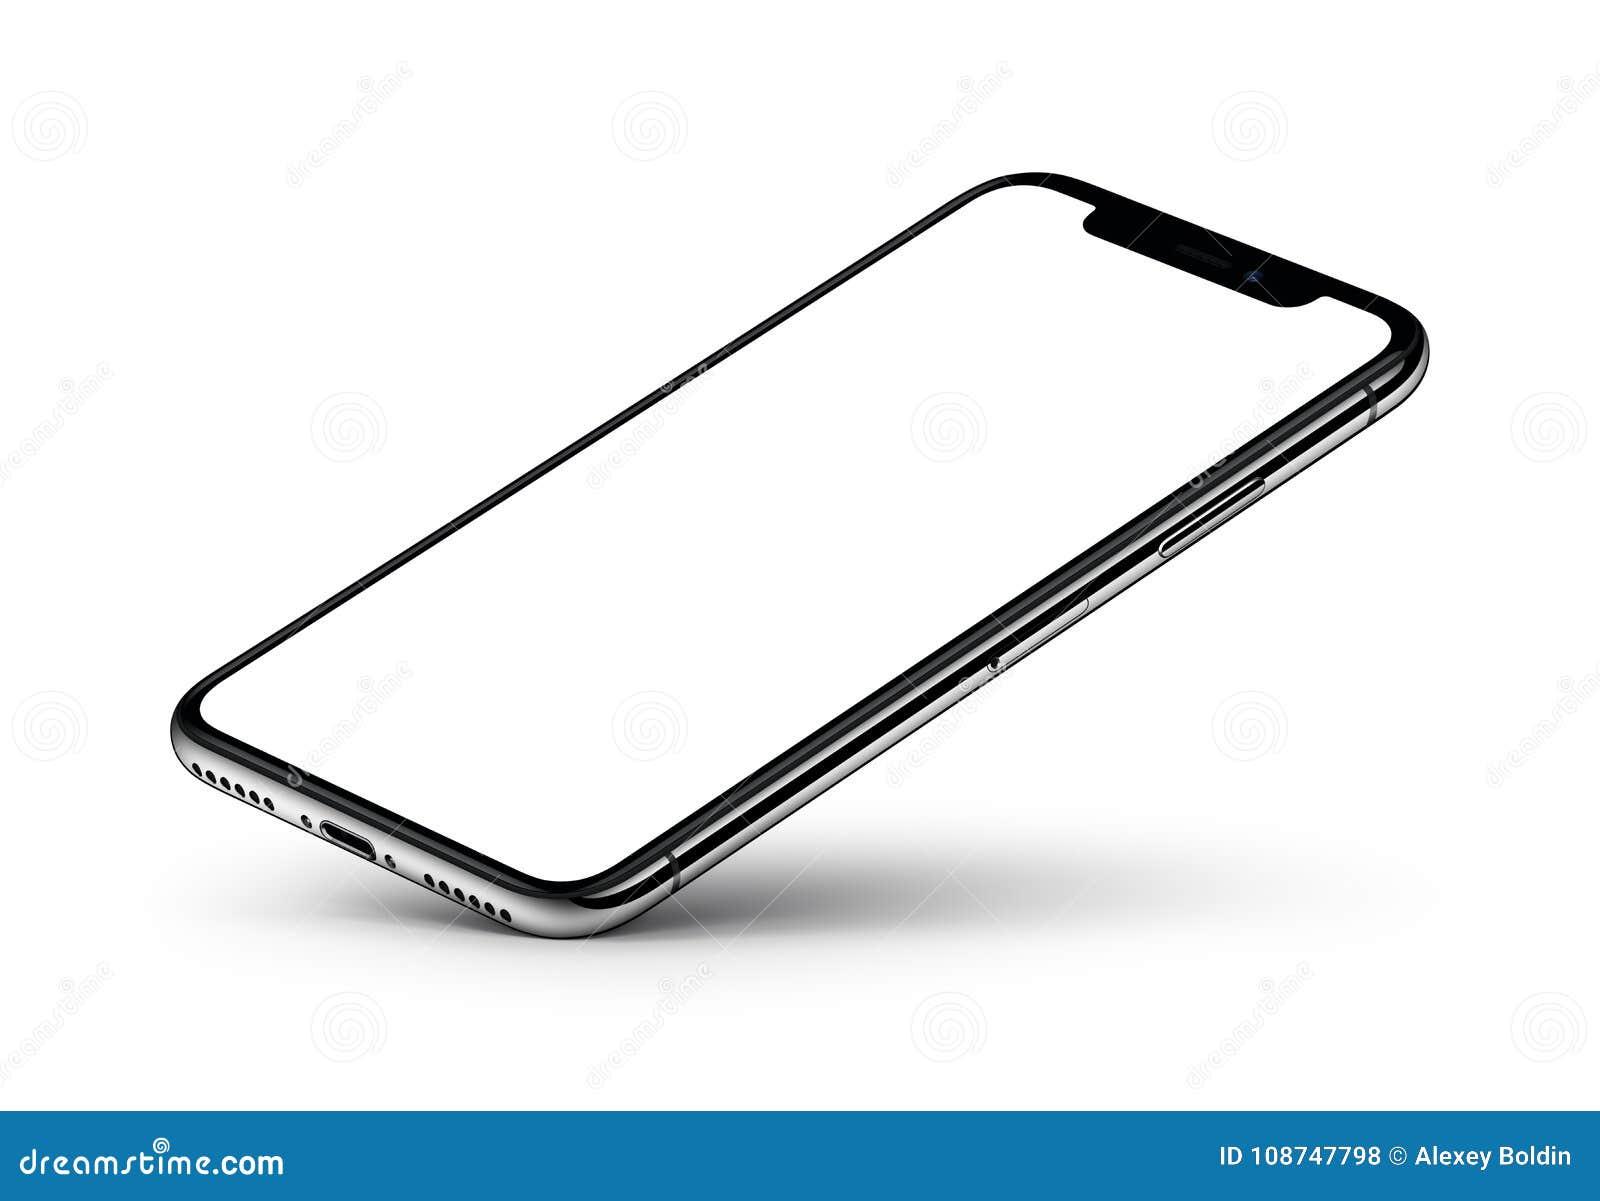 透视图与黑屏的智能手机大模型基于一个角落